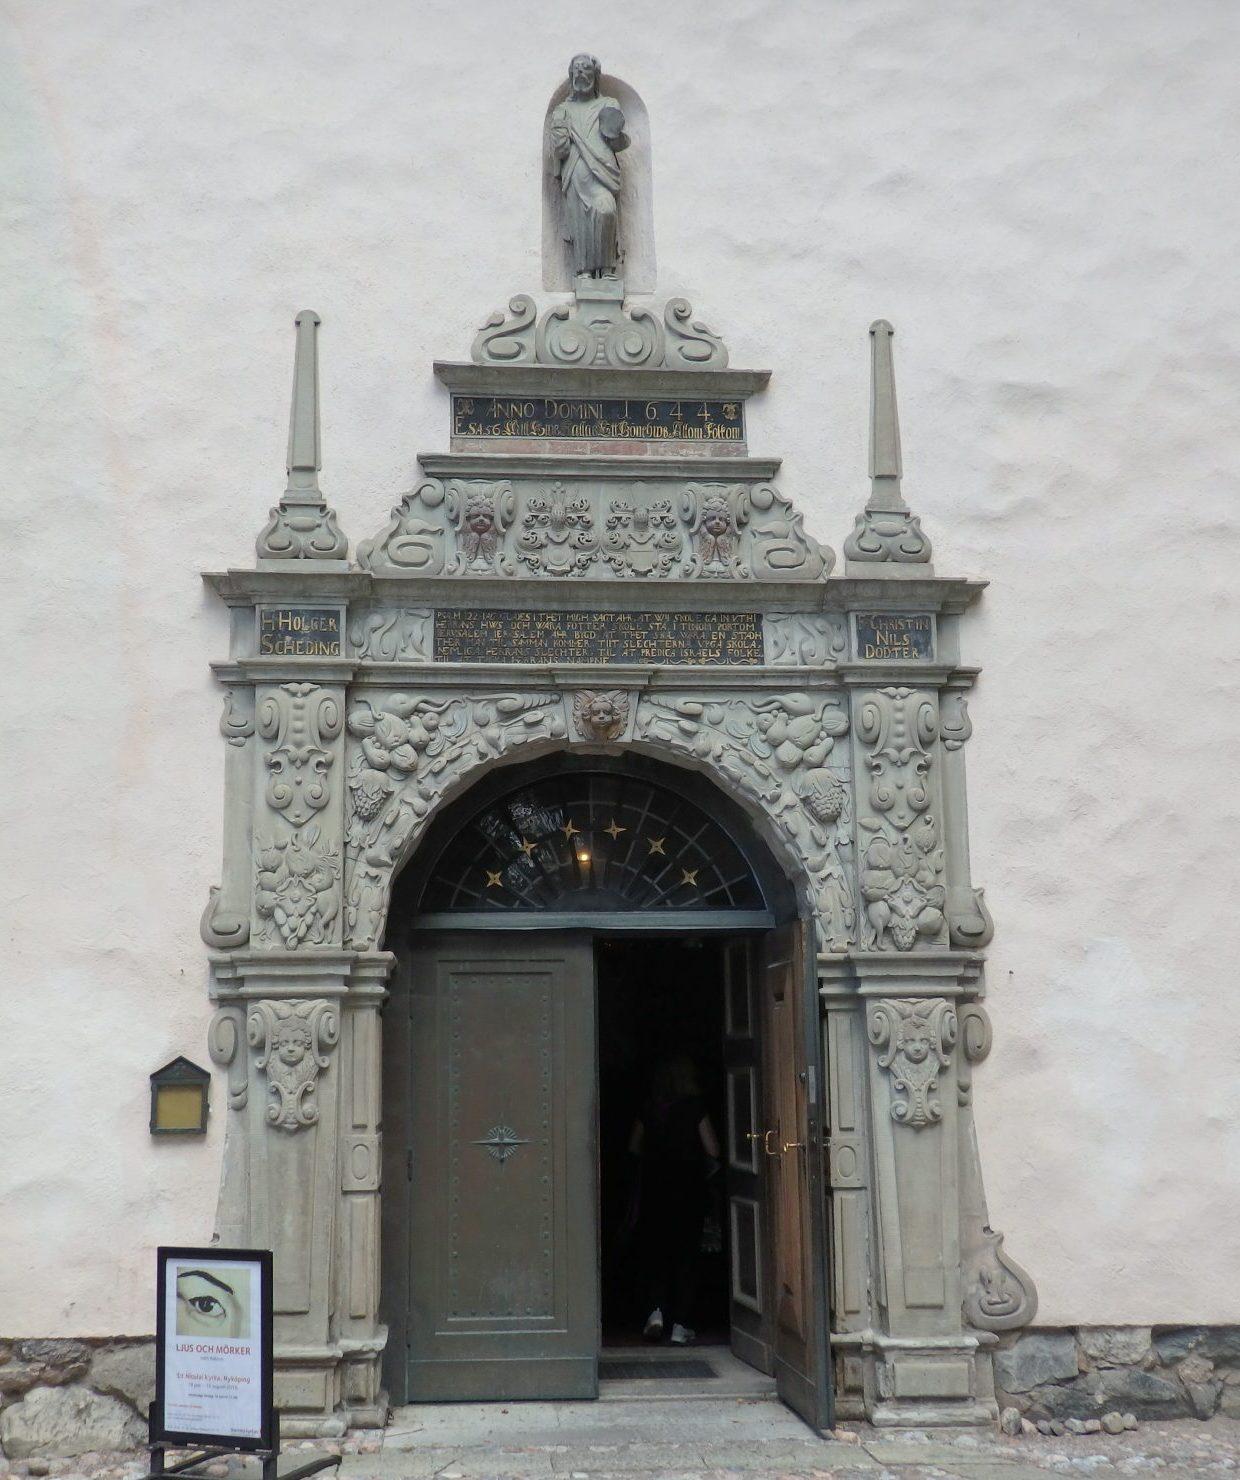 entrance to the church in Nyköping center